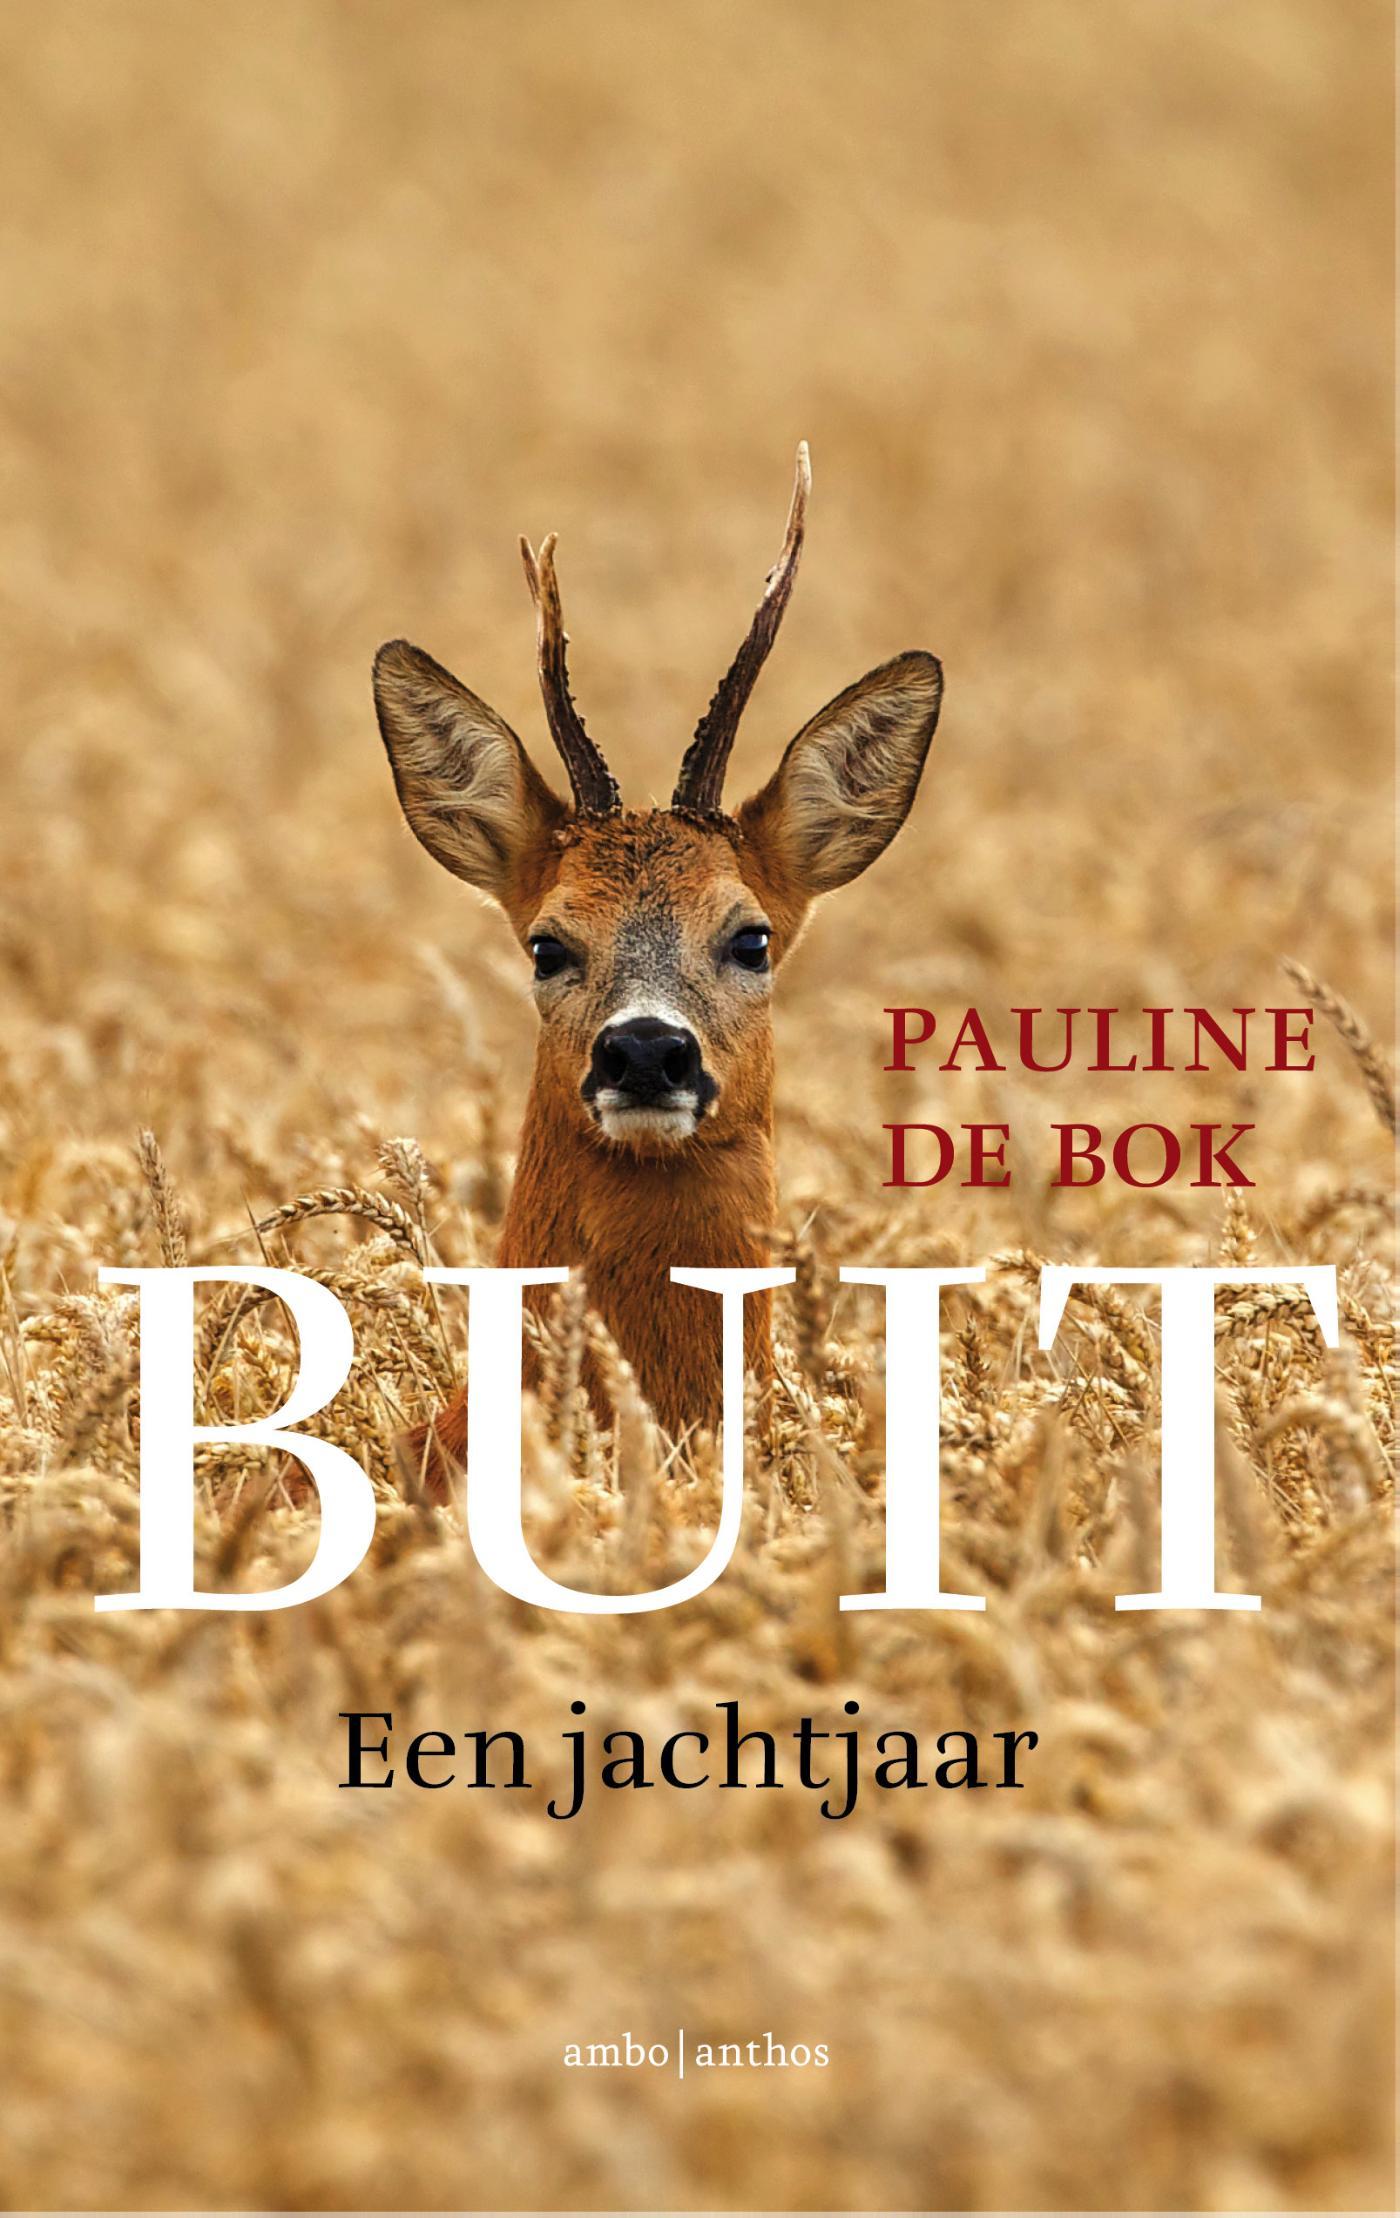 Buit   Pauline de Bok 9789026332661  Ambo, Anthos   Natuurgidsen Reisinformatie algemeen